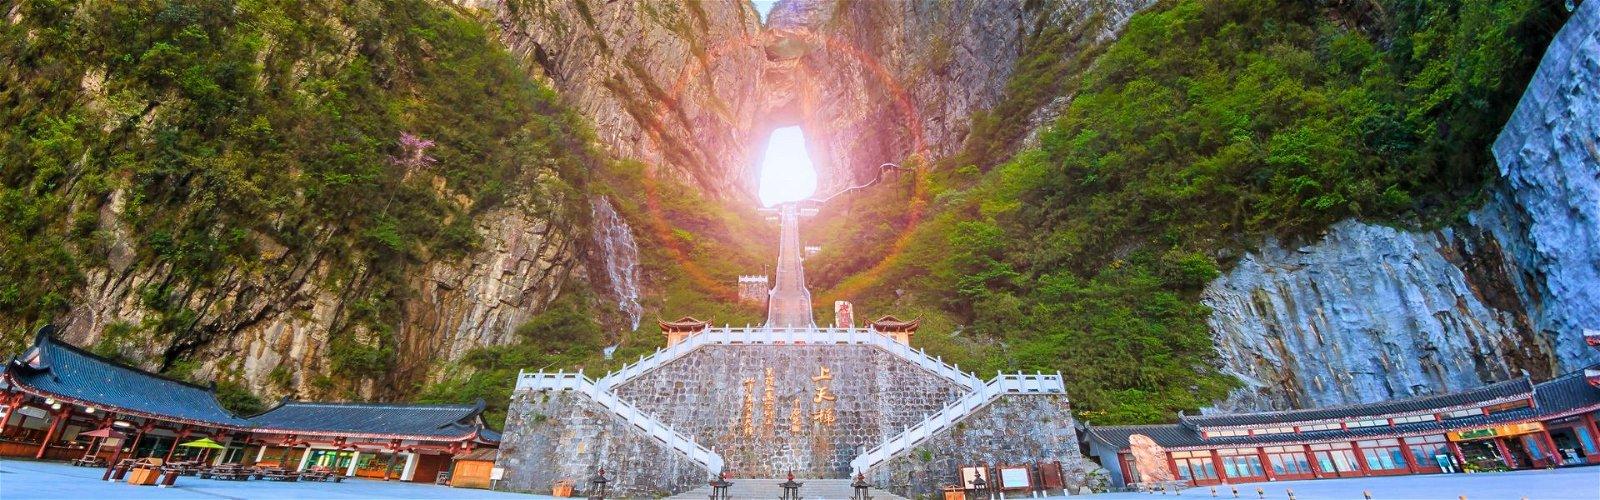 ทัวร์จีน ราคาถูก 2560 - Mushroom Travel